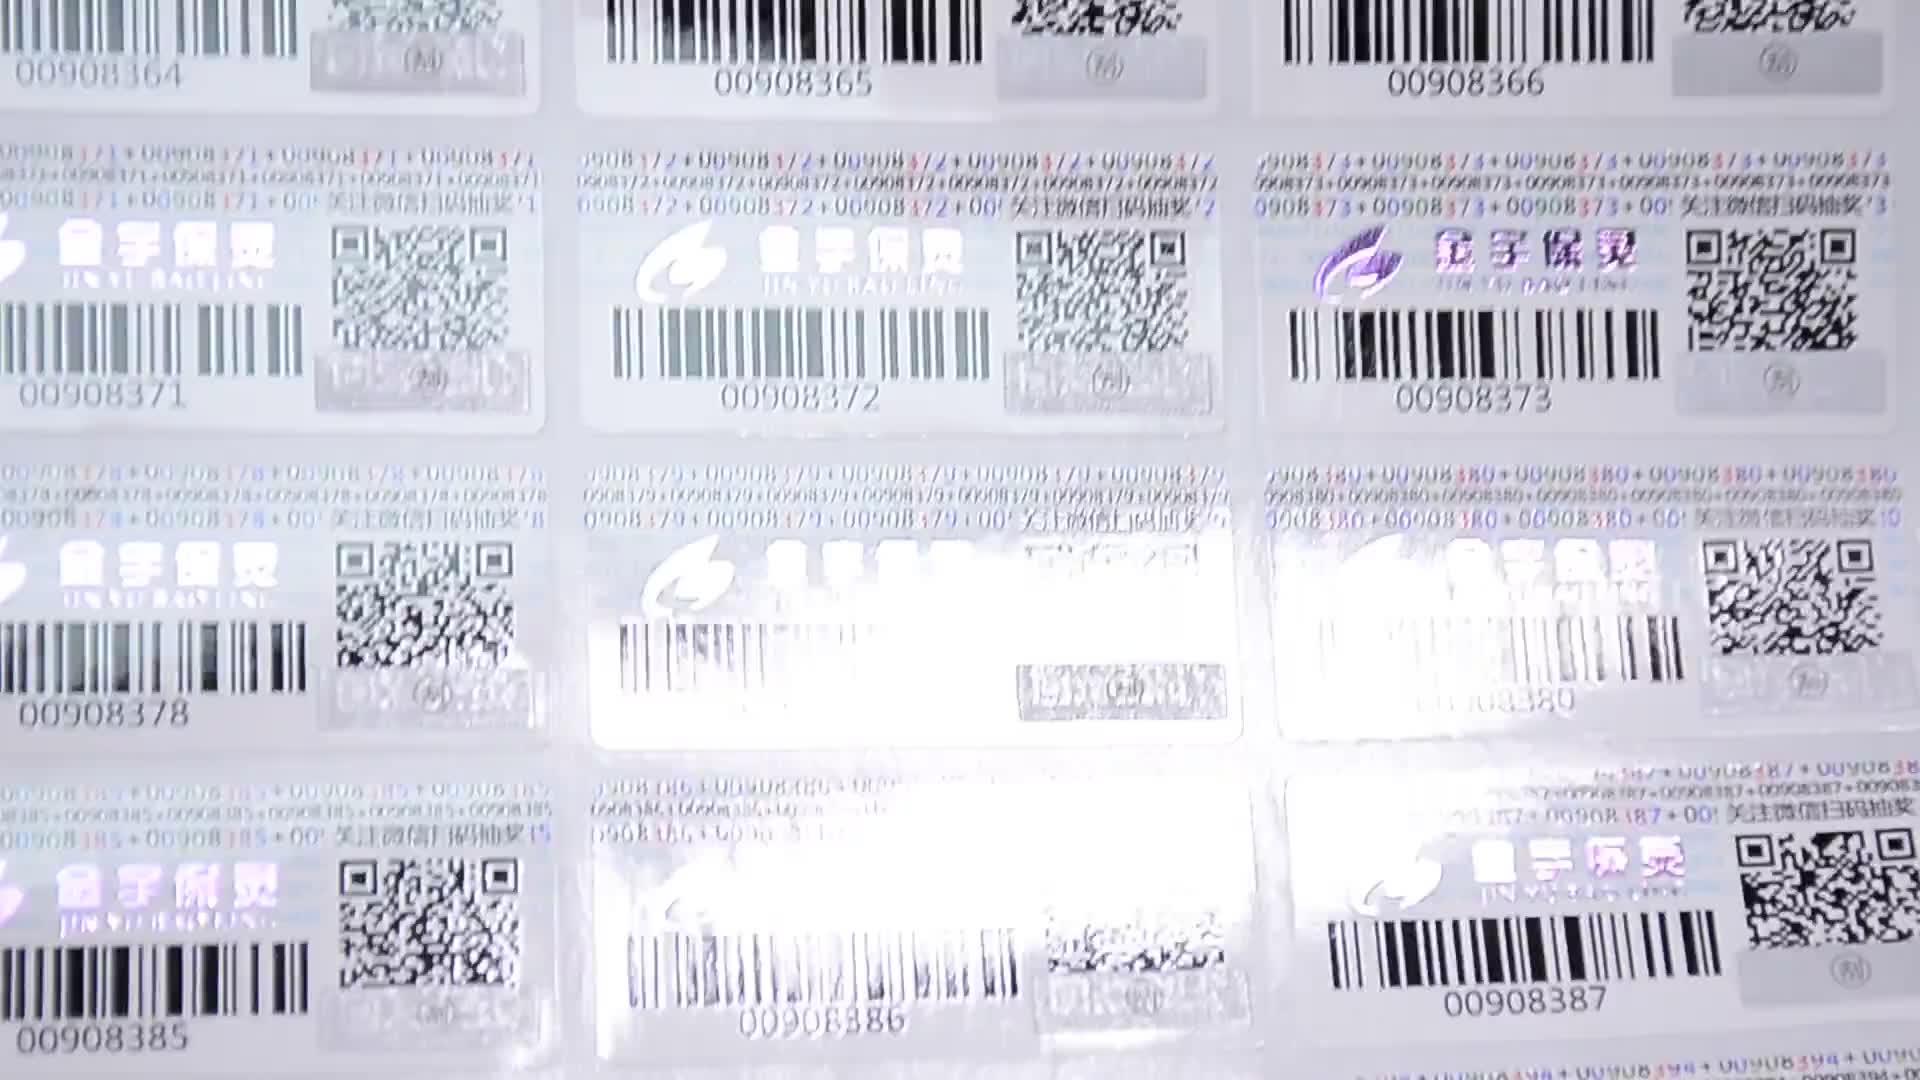 Özel yapışkan anti-sahte etiket etiket, renk seri numarası barkod etiket, güvenlik qr kod kazınacak etiket